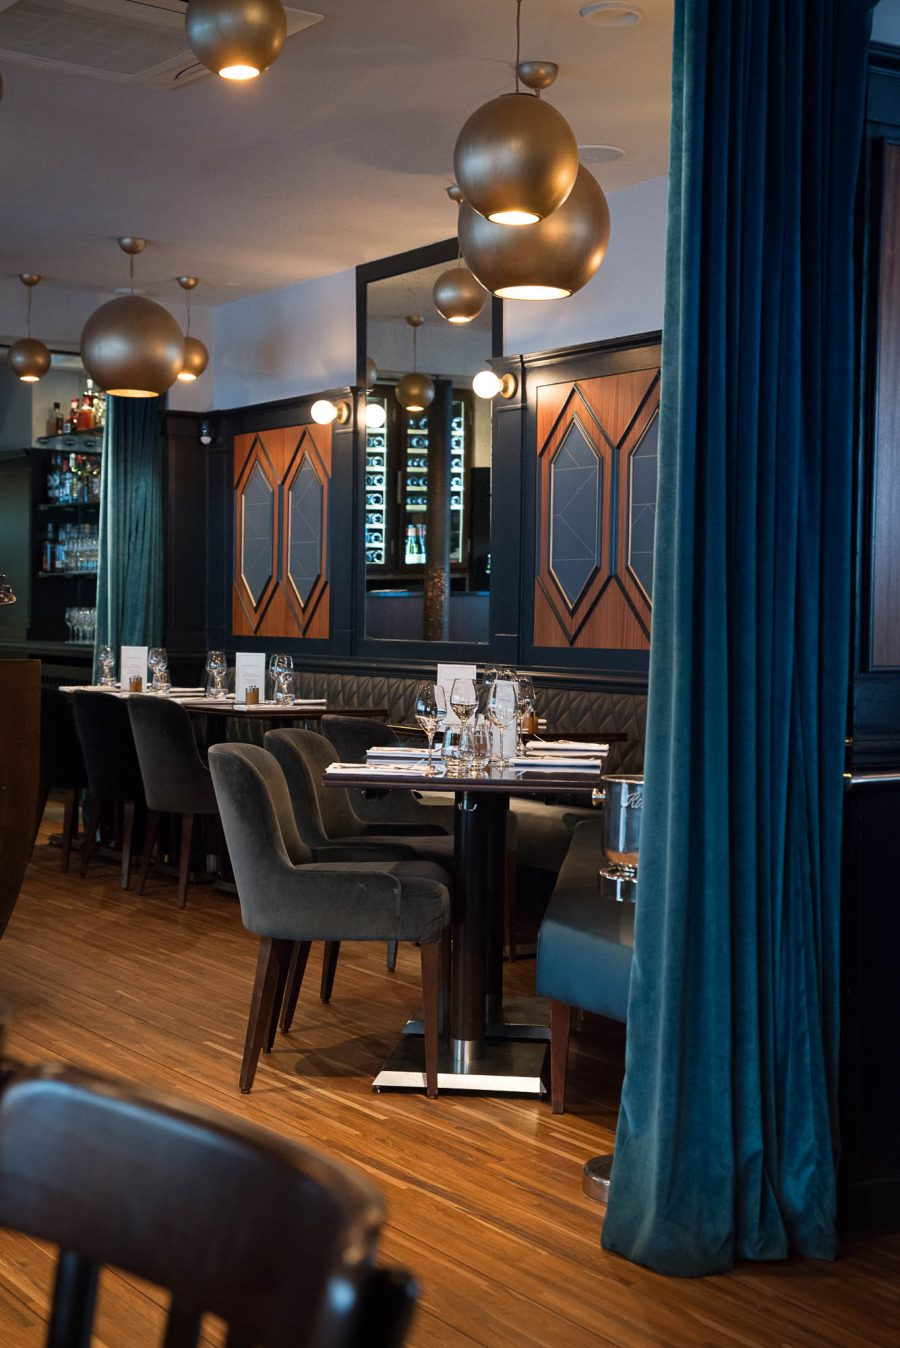 Intérieur du restaurant Le Marloe de Paris avec banquette en cuir matelassé, parquet et panneaux décoratifs de bois au motif hexagonal